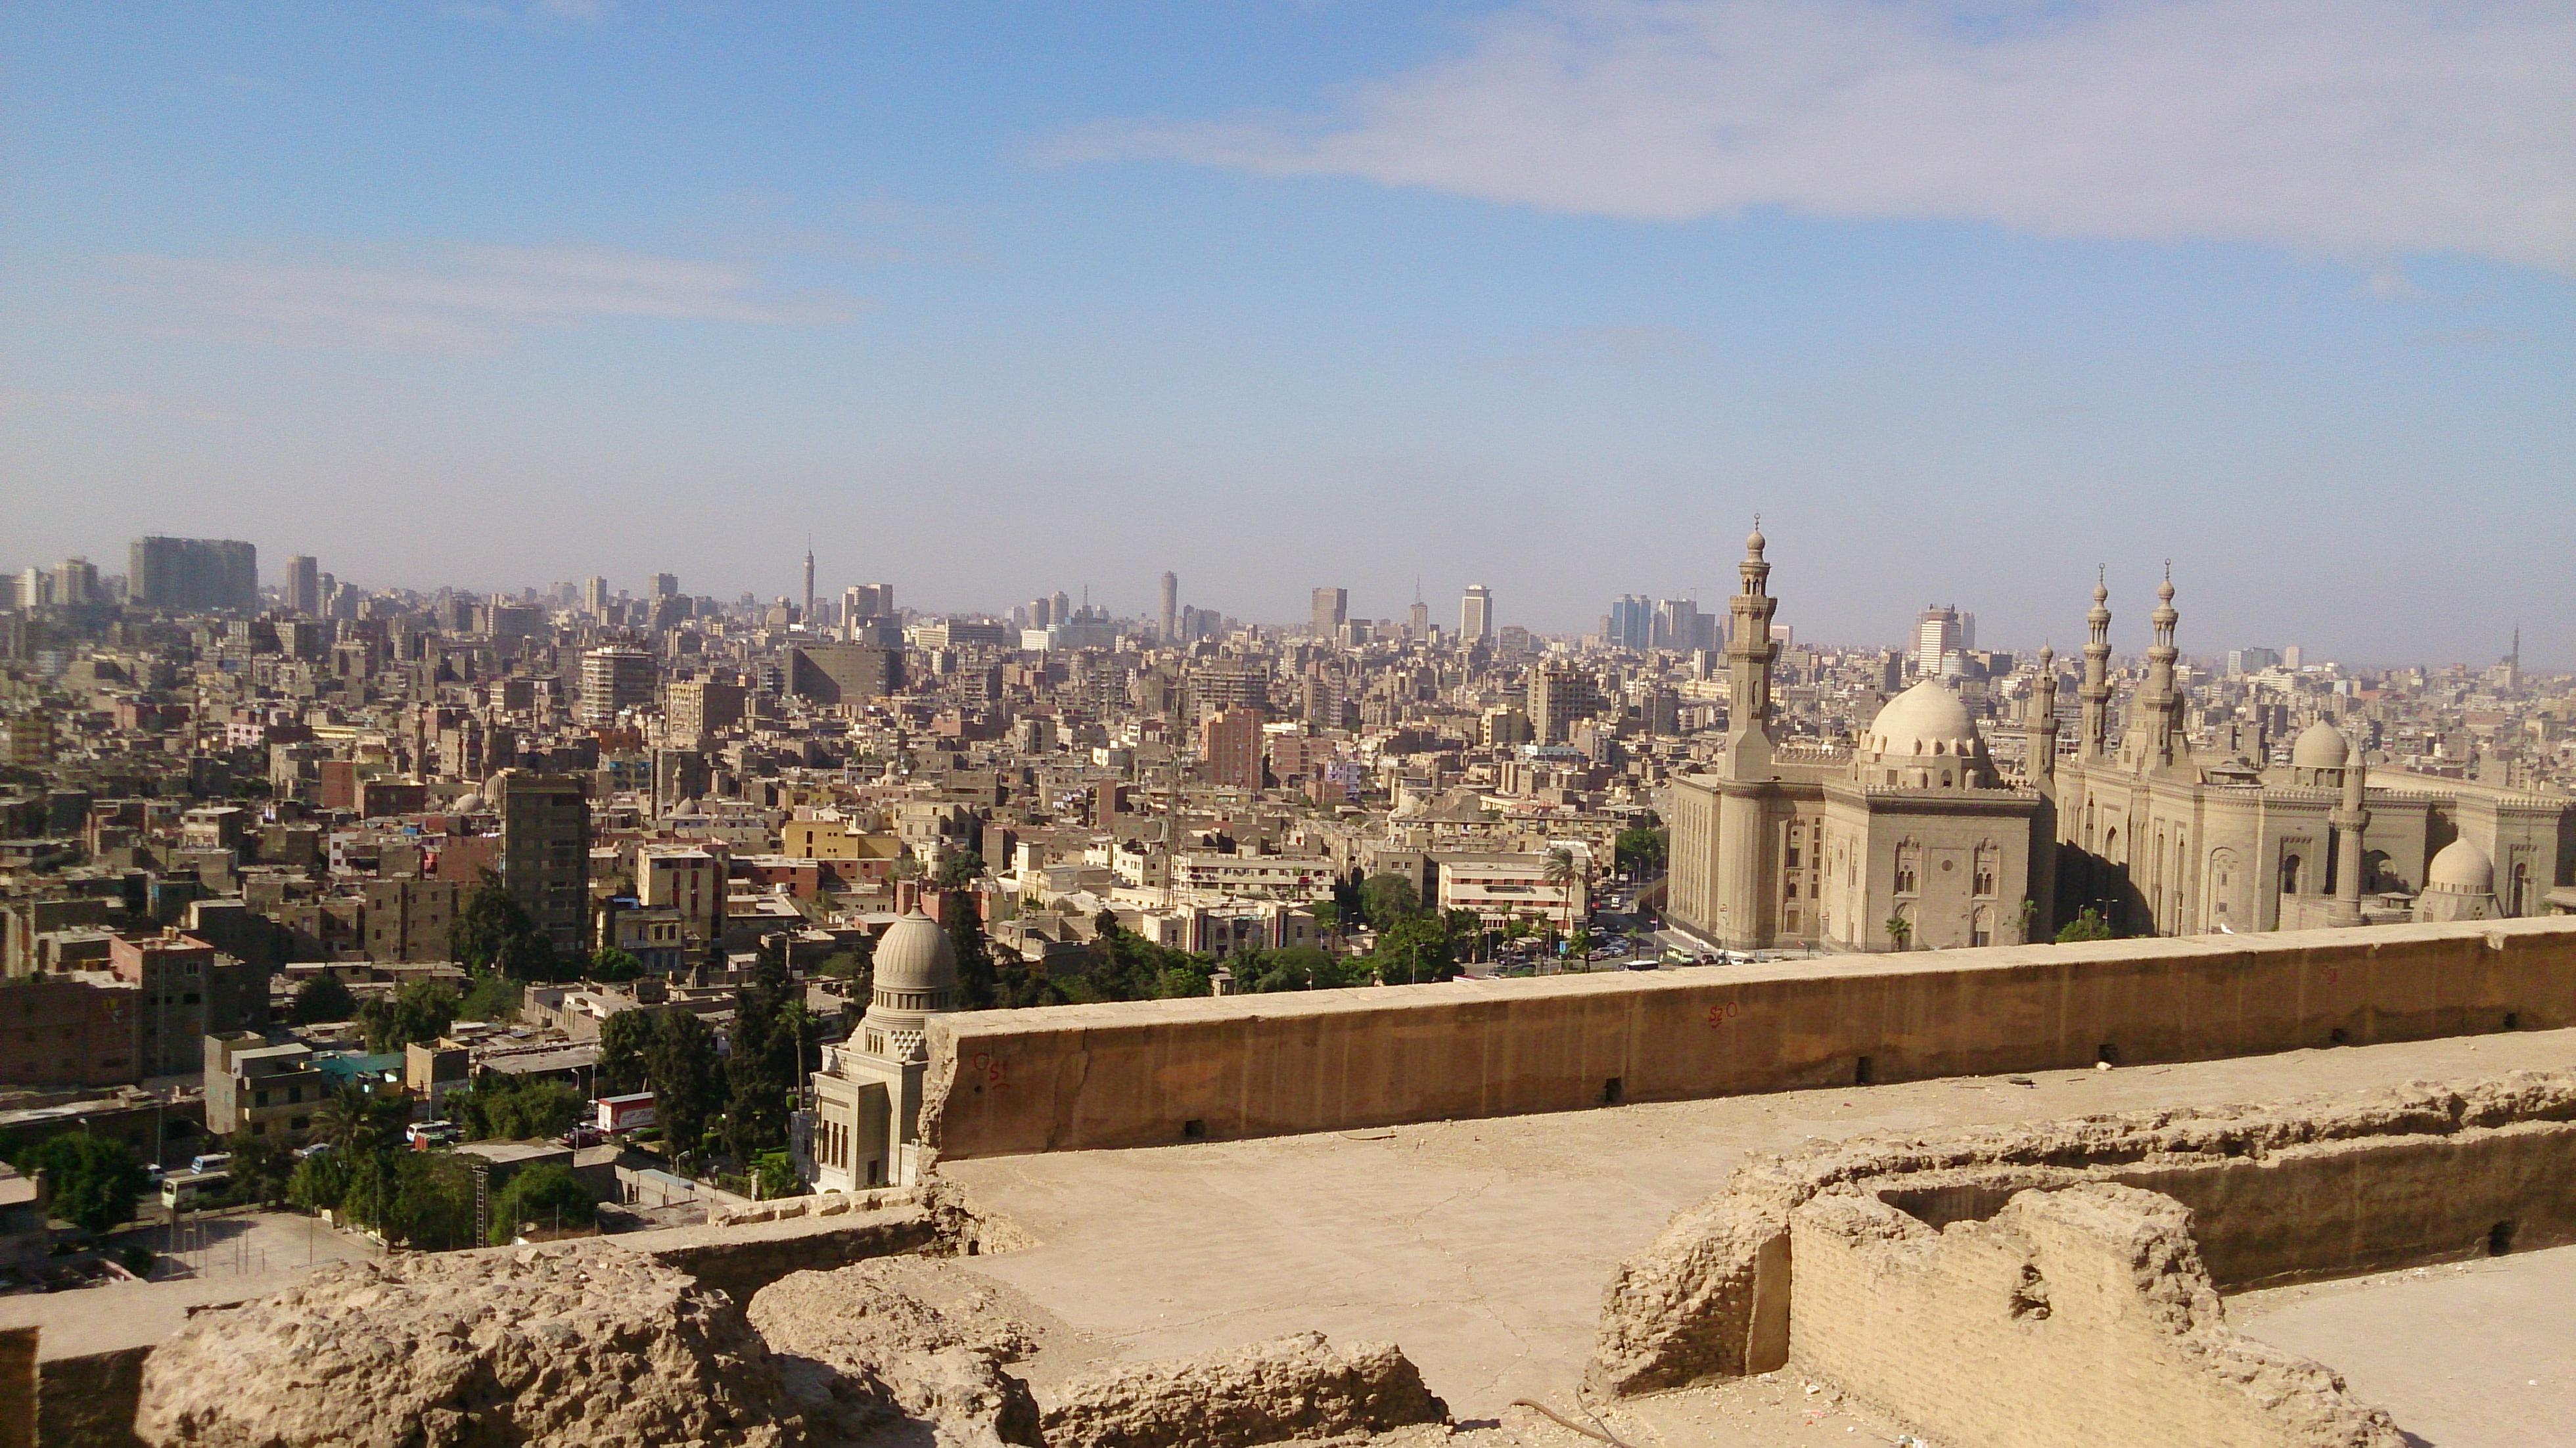 egipto en 4 dias - old cairo